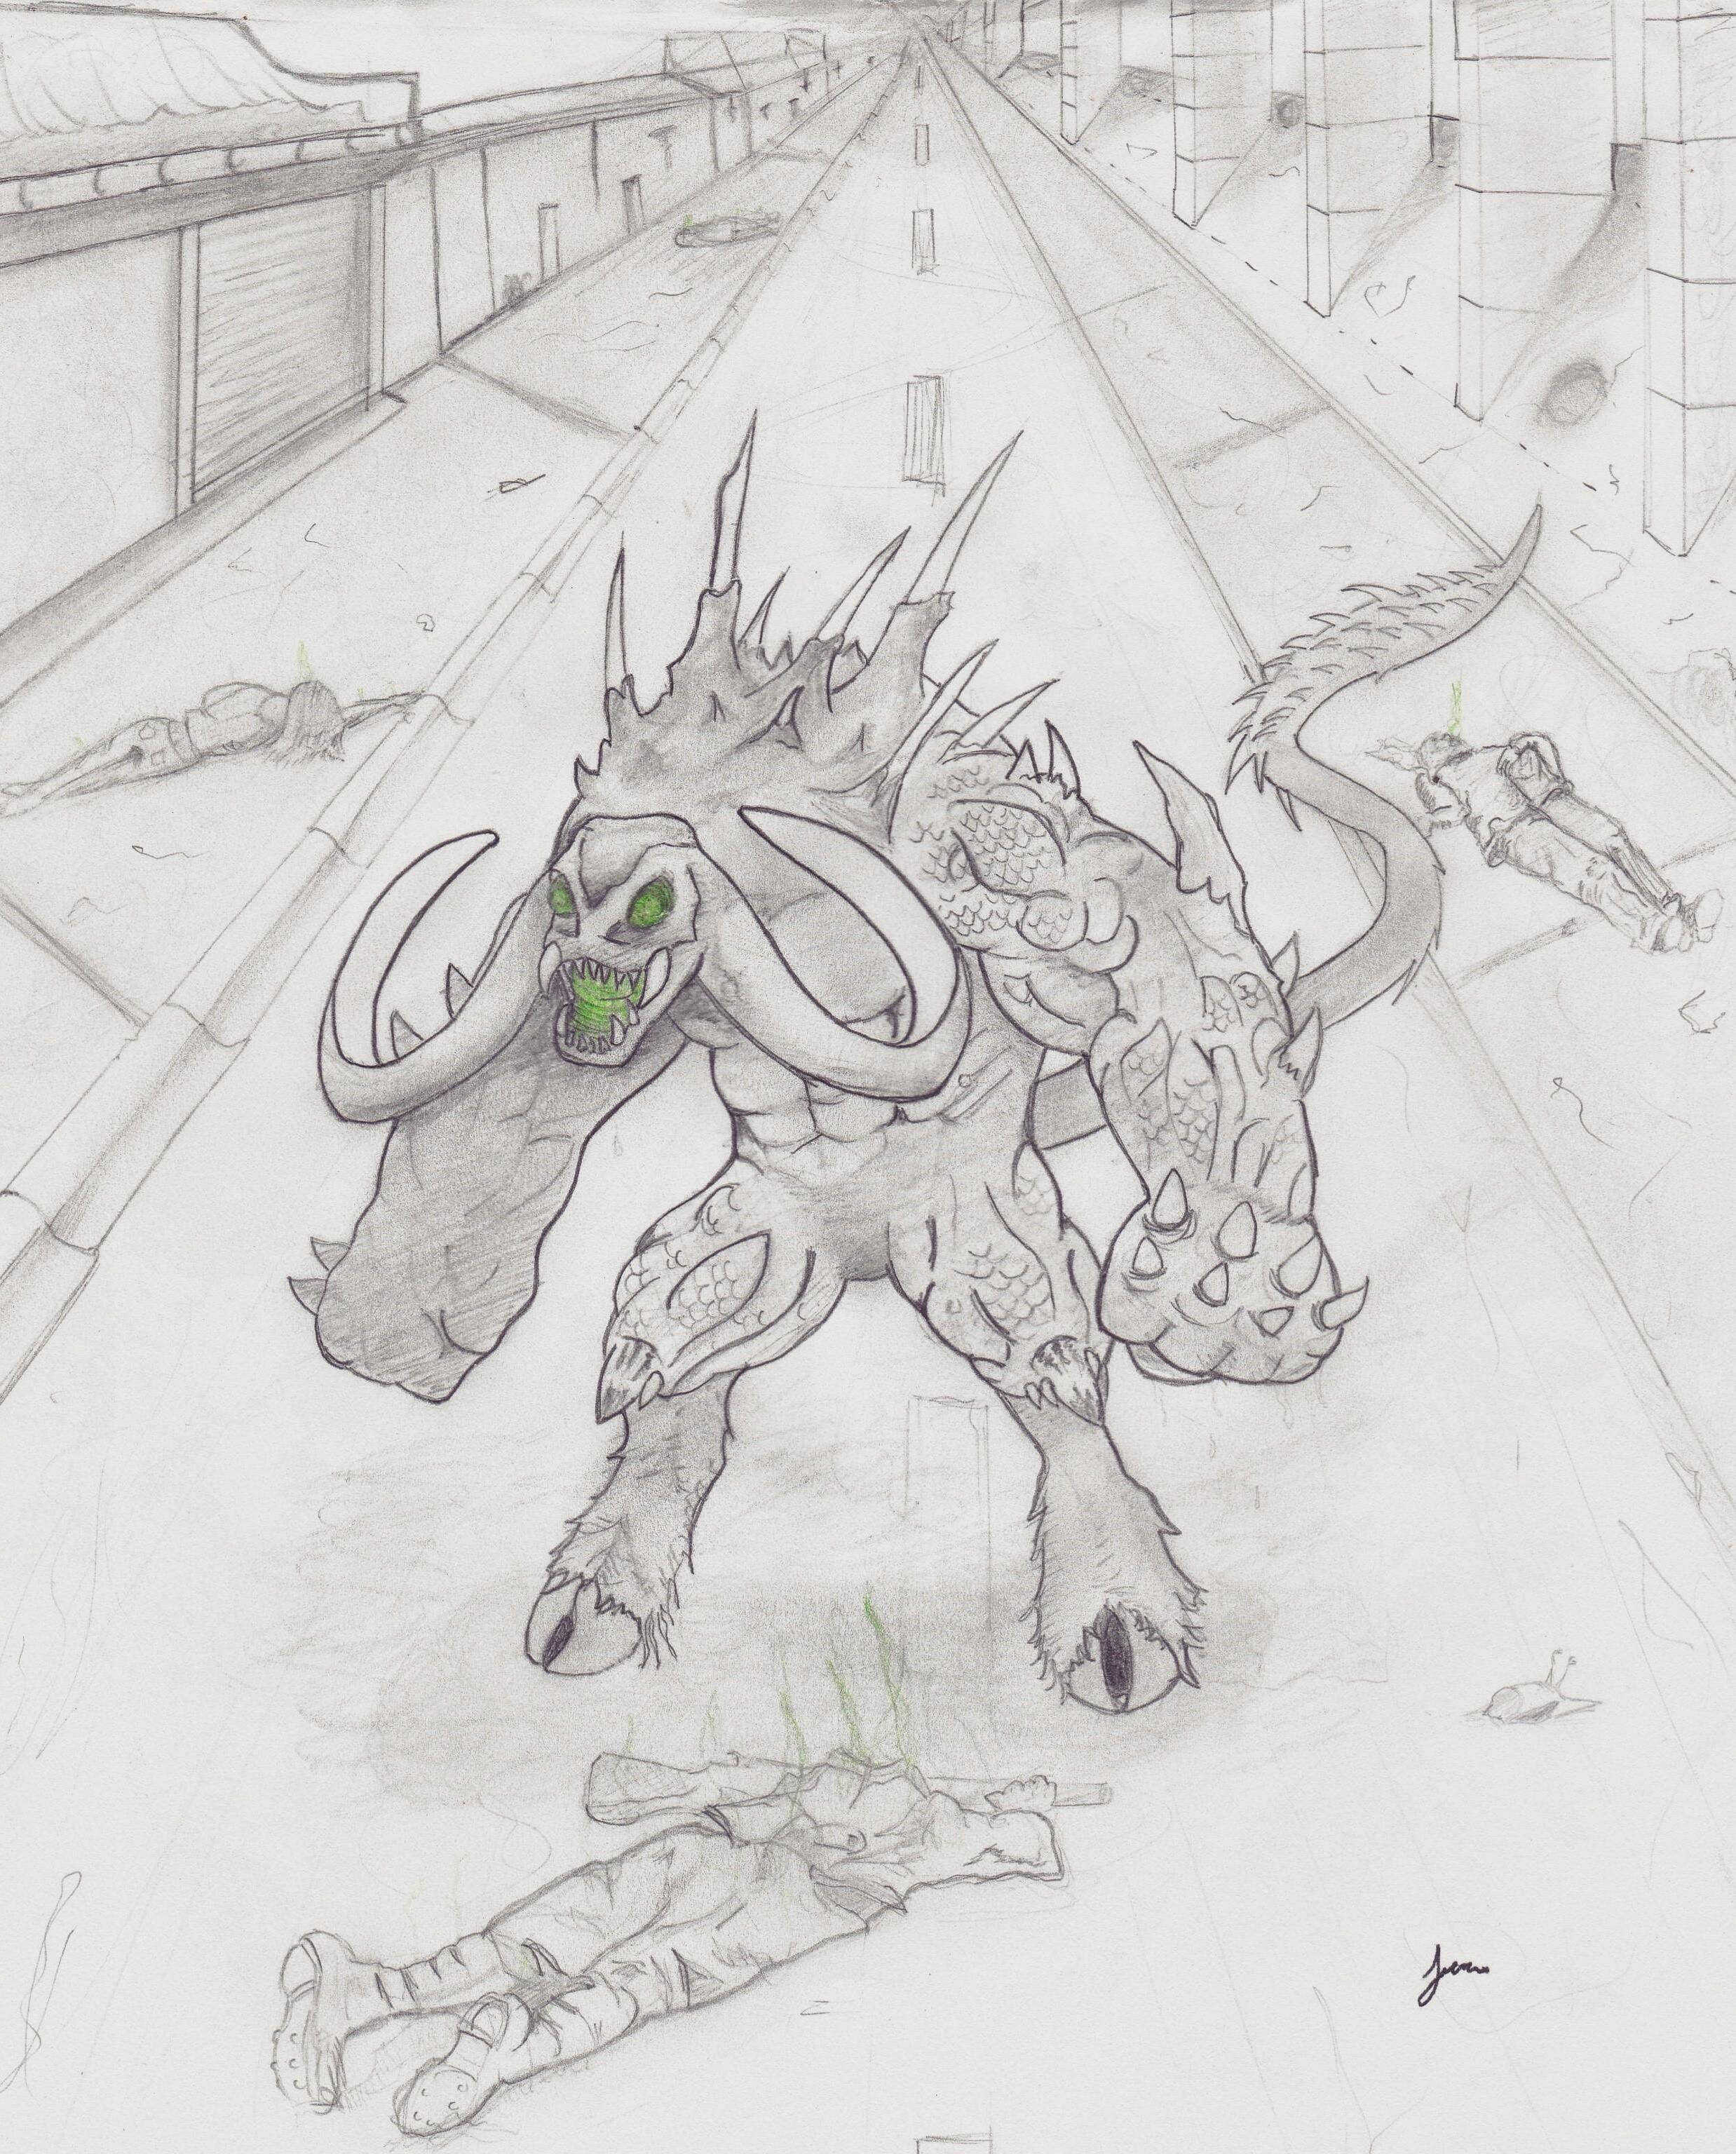 The Grimataur of Velcrank city